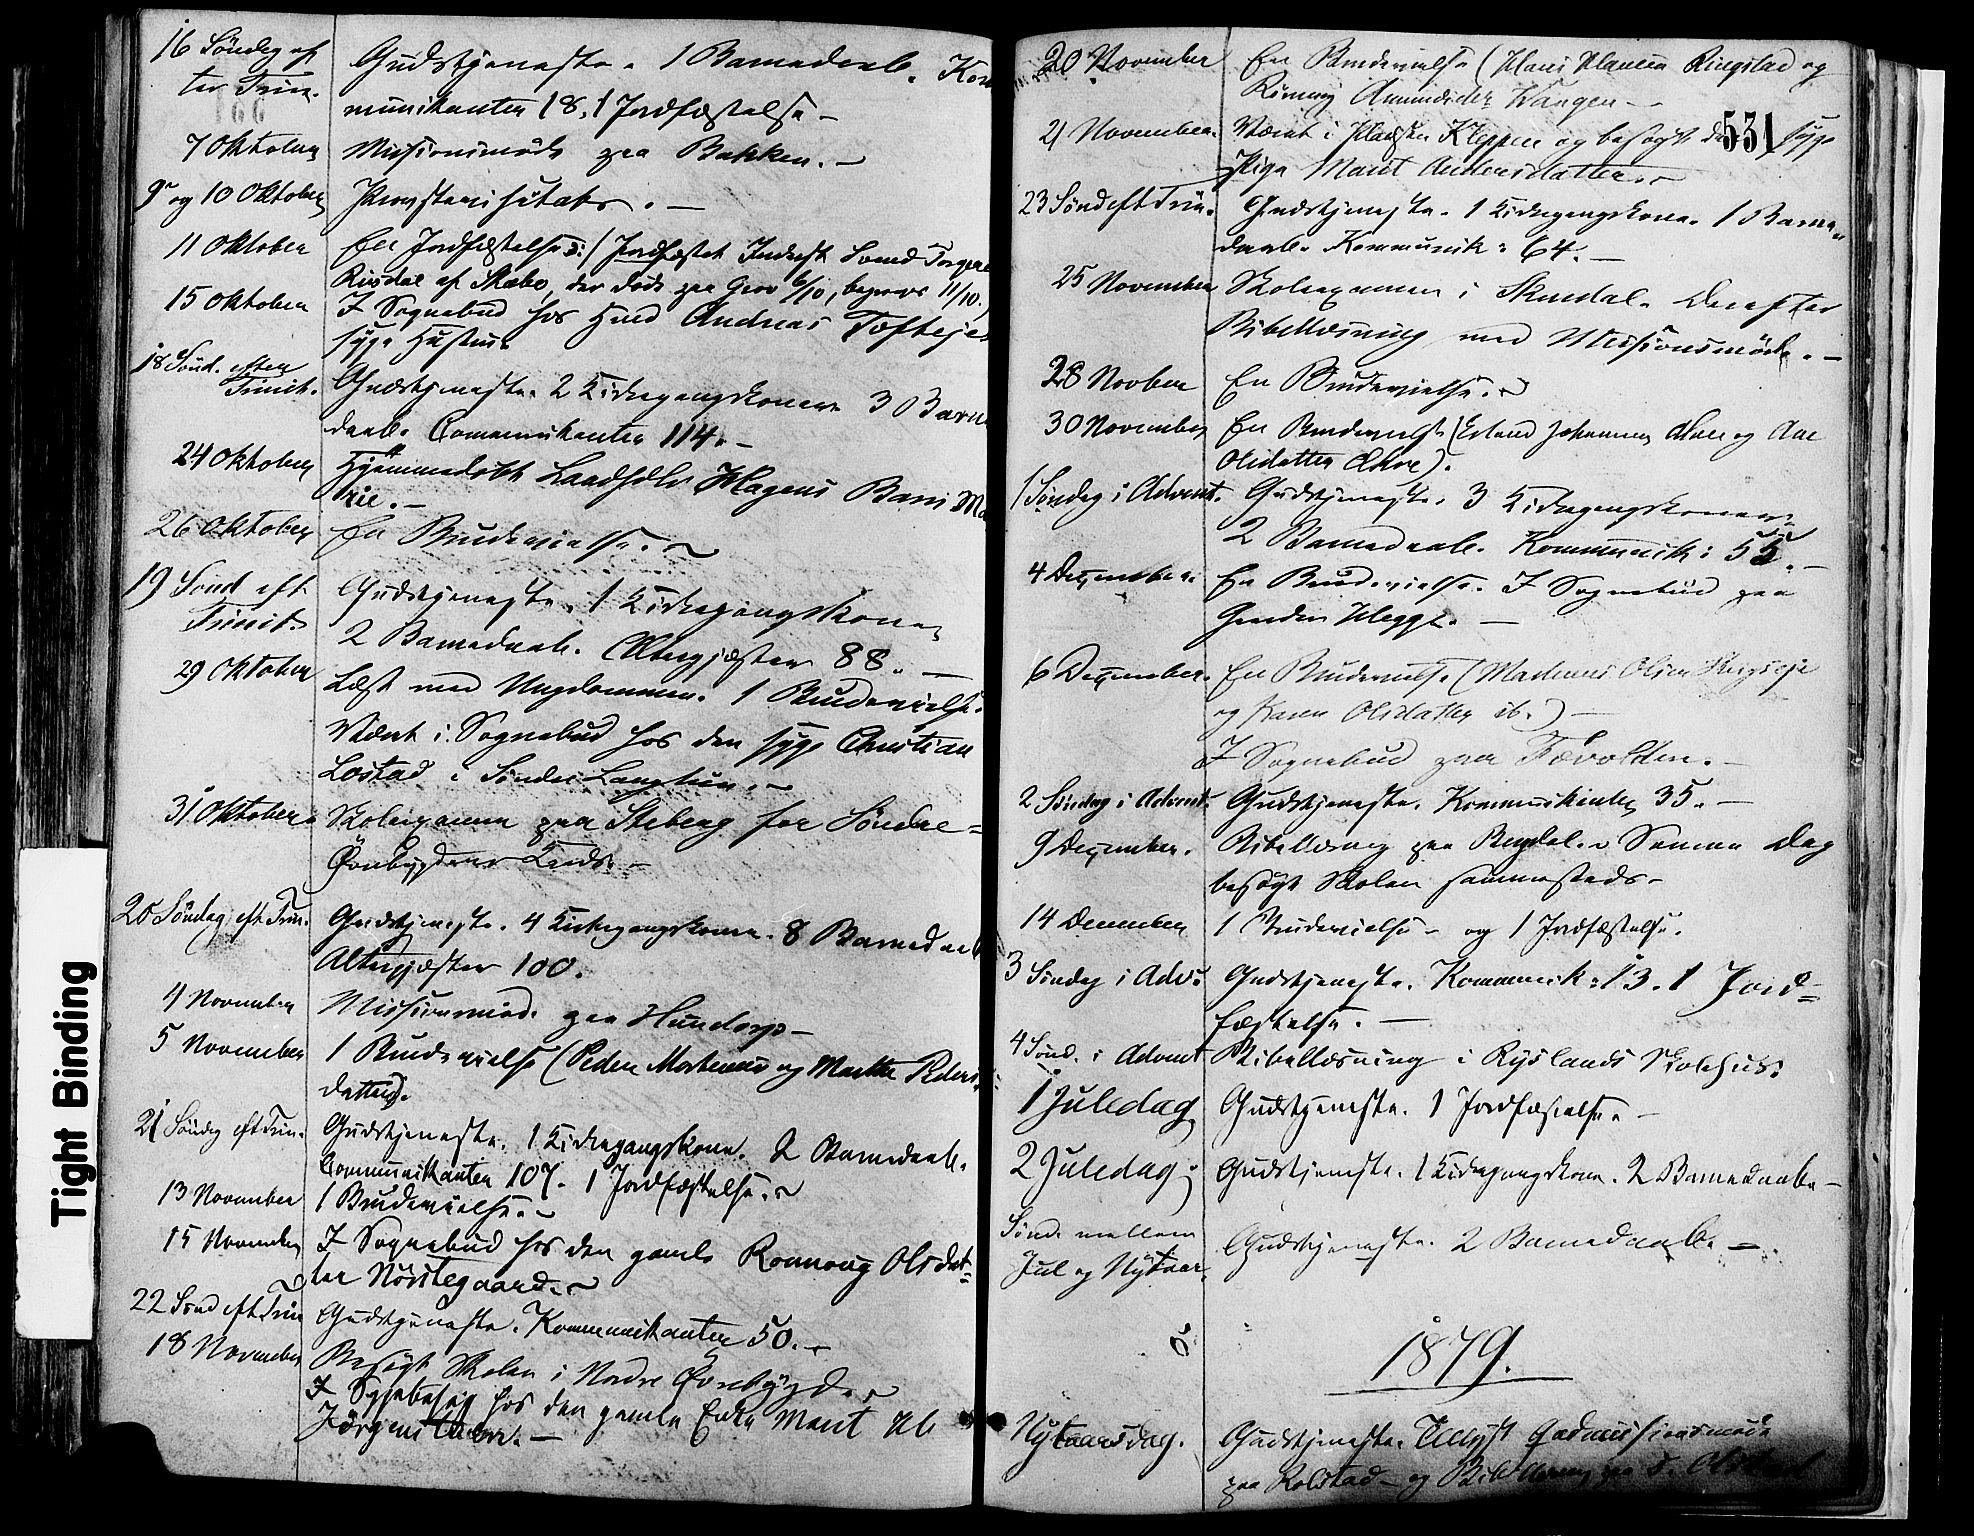 SAH, Sør-Fron prestekontor, H/Ha/Haa/L0002: Ministerialbok nr. 2, 1864-1880, s. 531